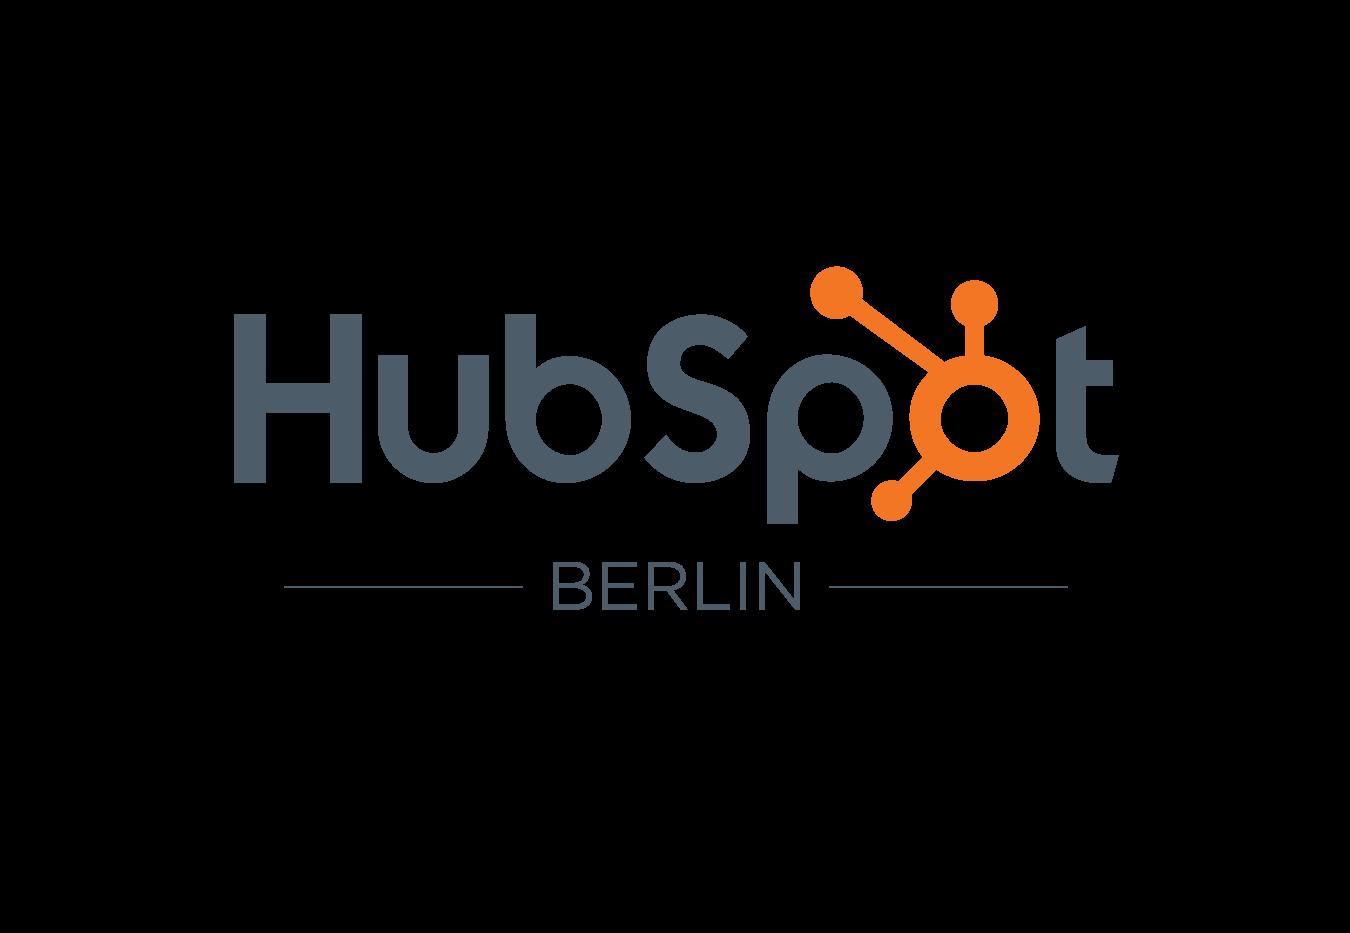 HubSpot to Open Second EMEA Office in Berlin, Germany in 2017